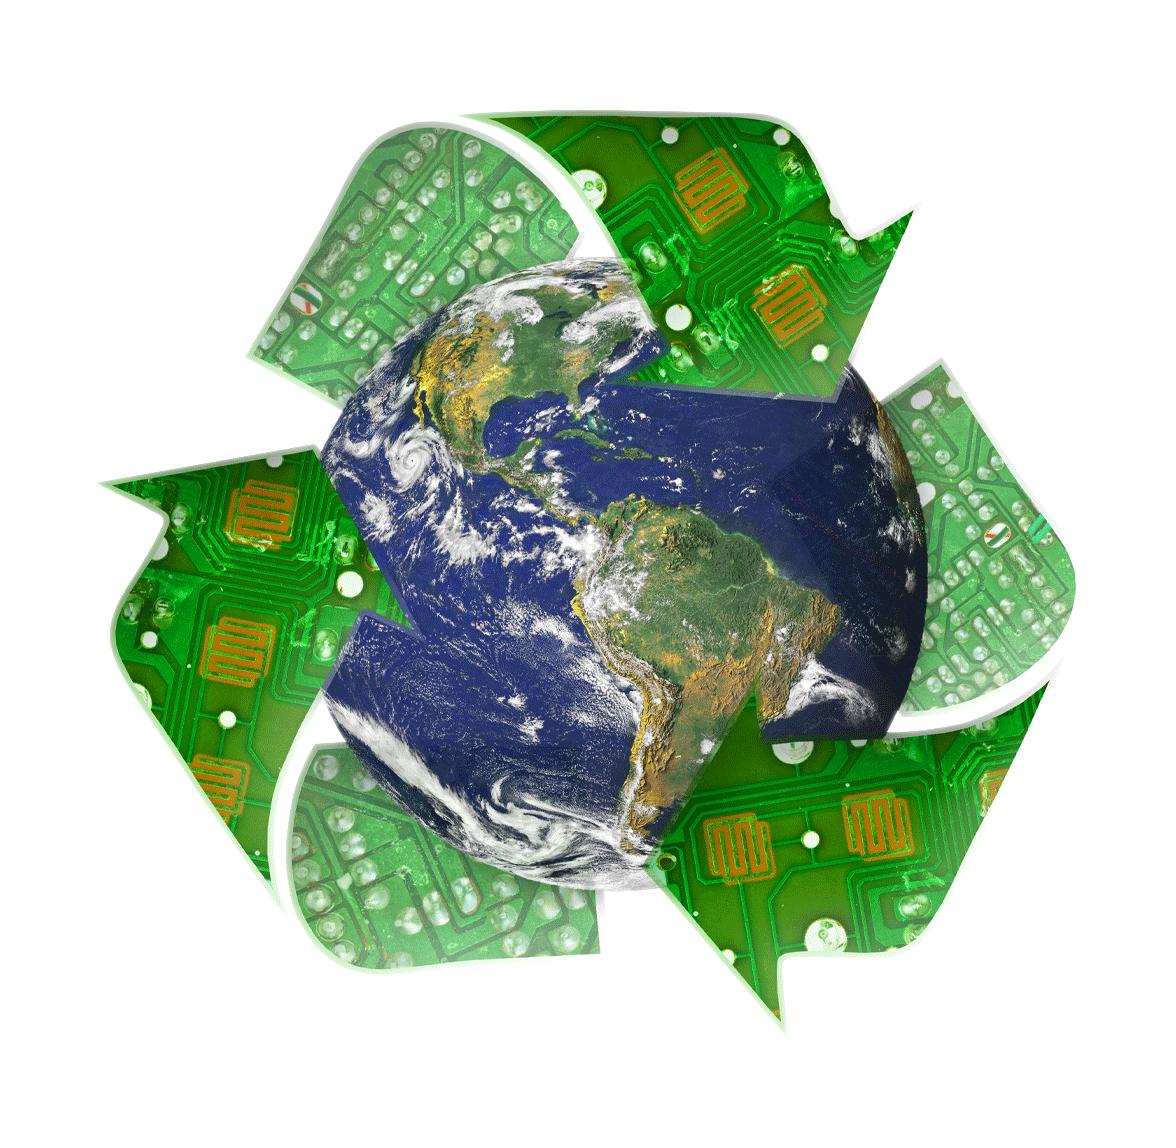 Reciclaje Electrónico Ecoeche